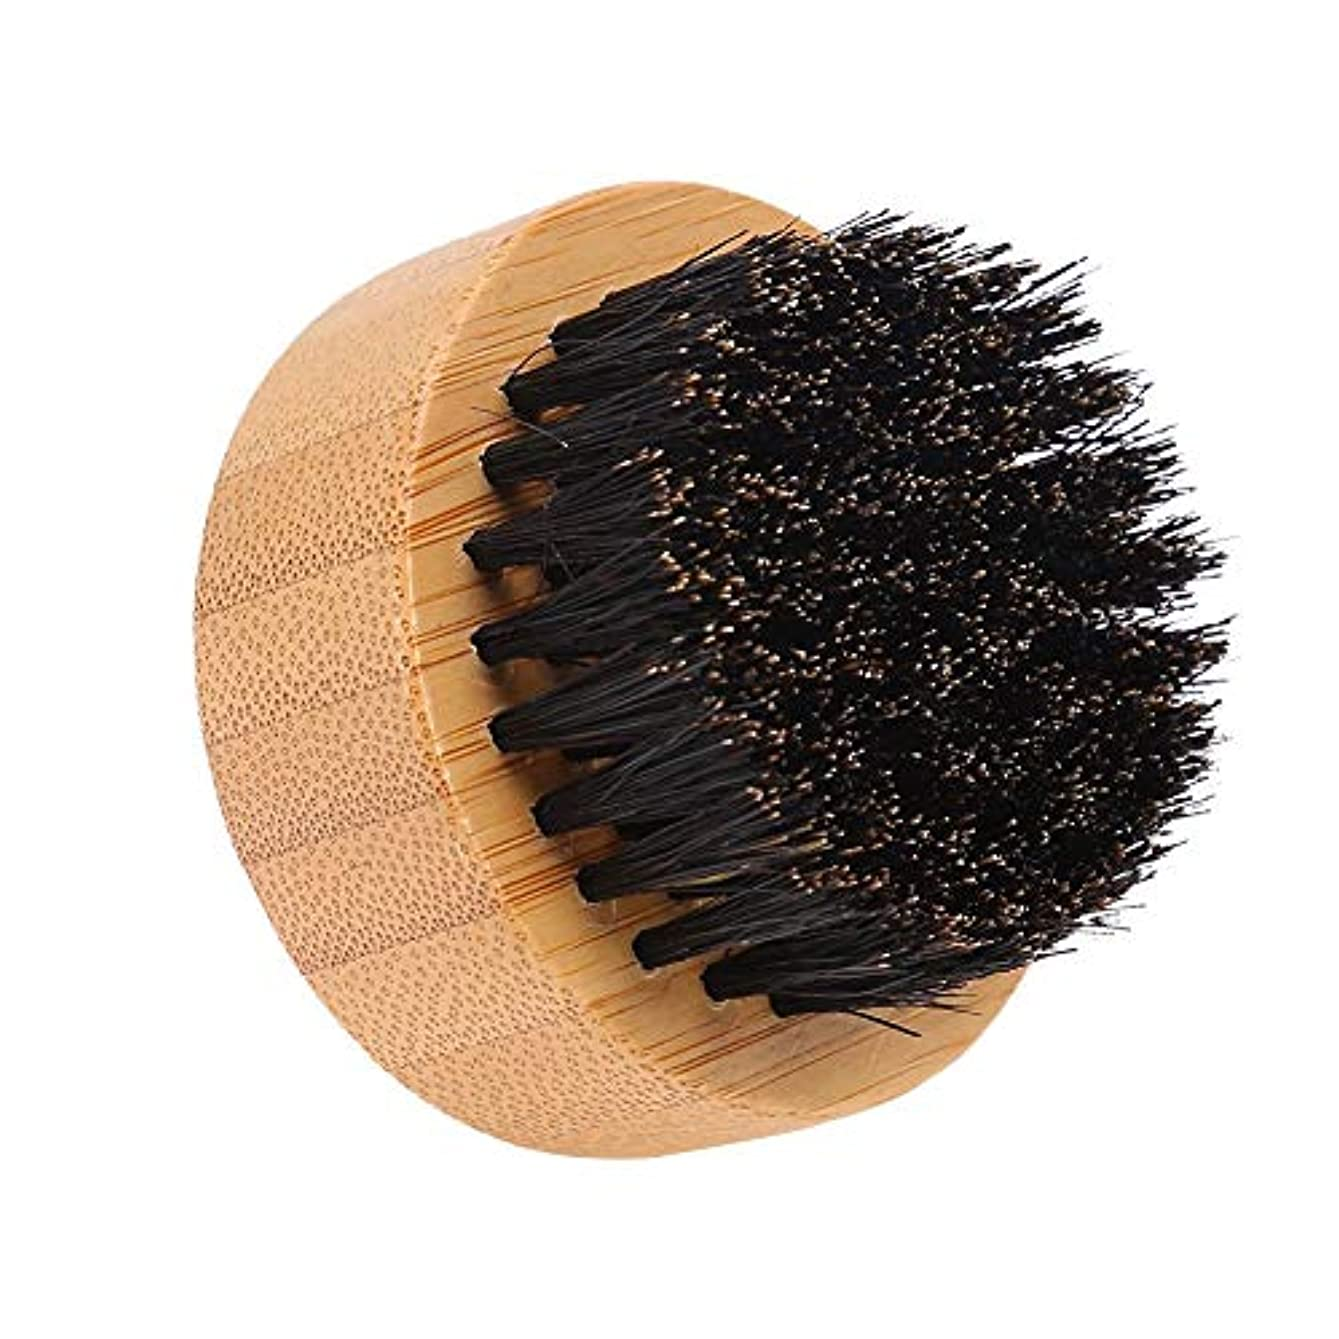 私たち自身学士破壊するYuyte男性口ひげスタイリング思いやりのあるイノシシ髪髭ブラシラウンドフェイシャルヘアコーム